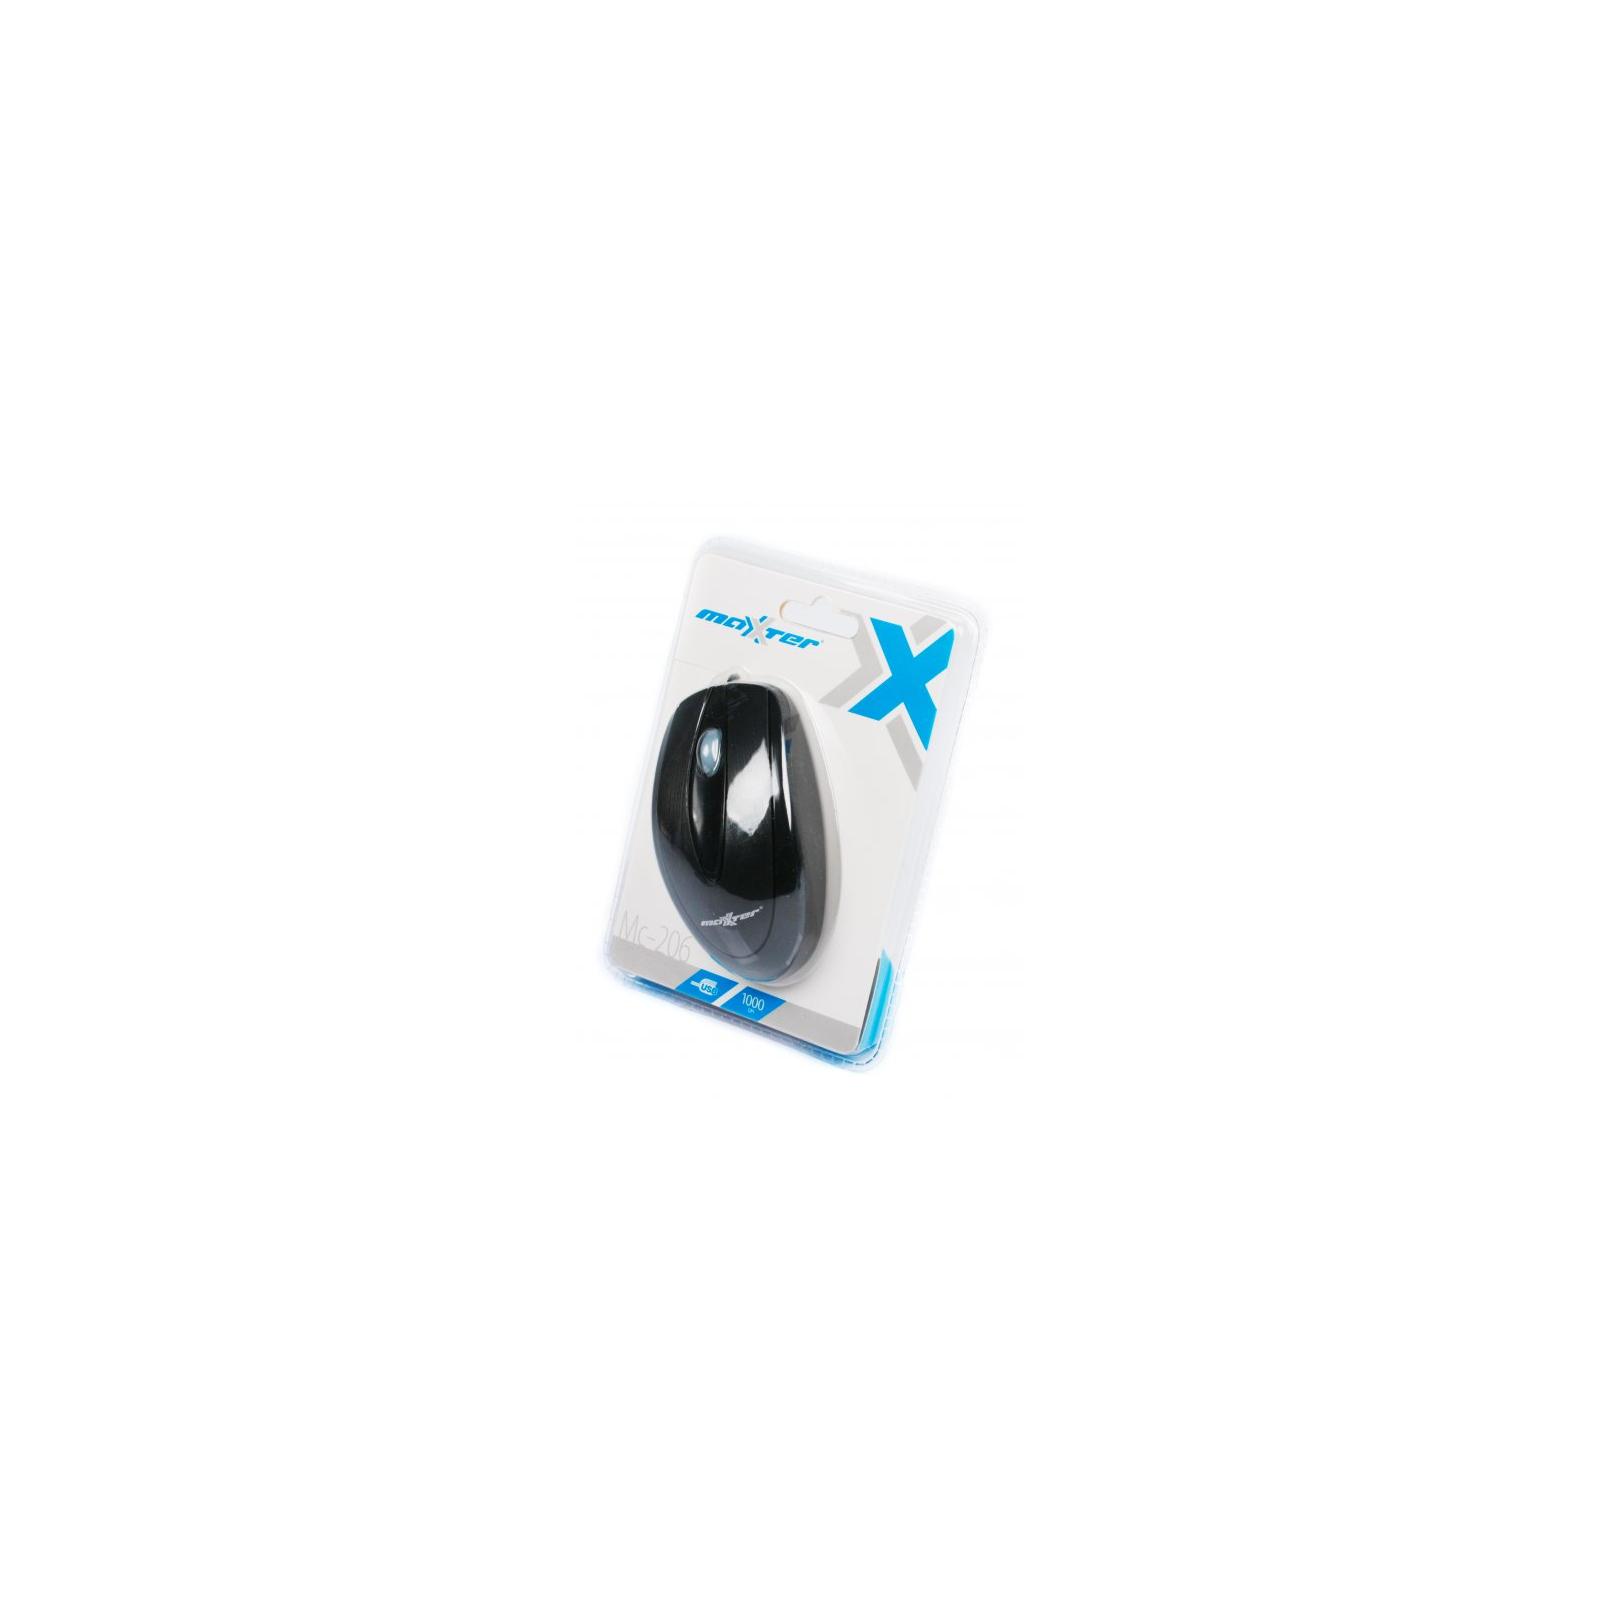 Мышка Maxxter Mc-206 изображение 4